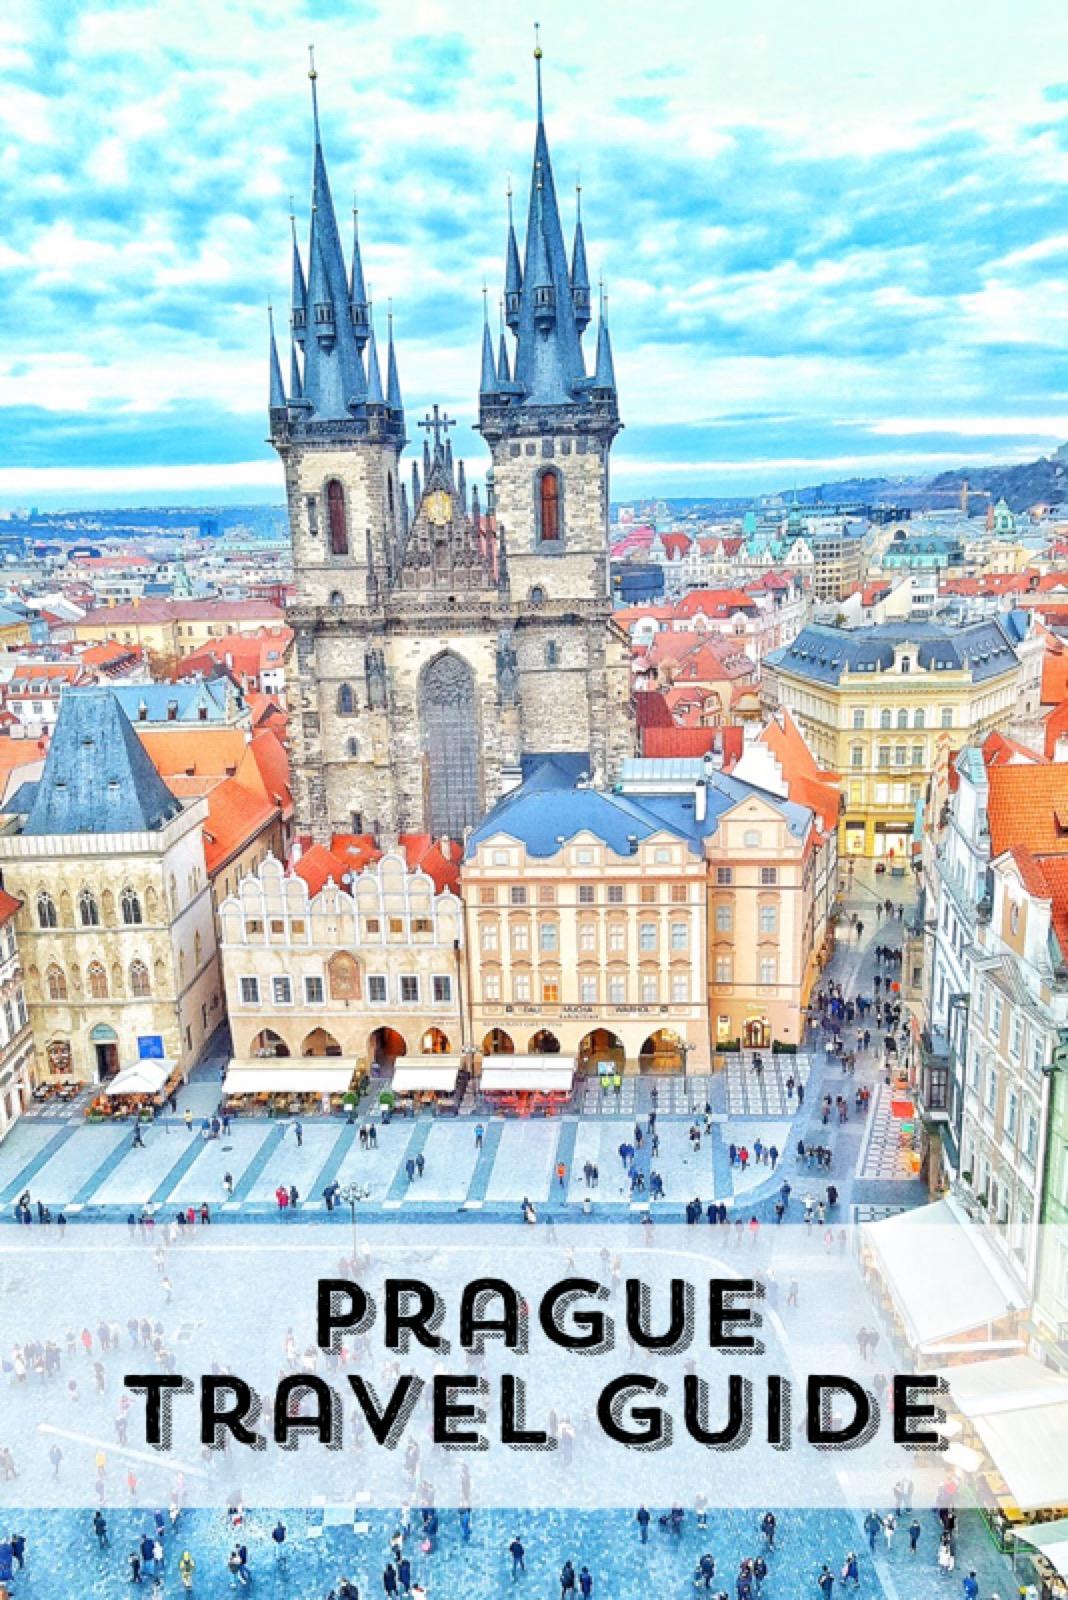 prague-travel-guide